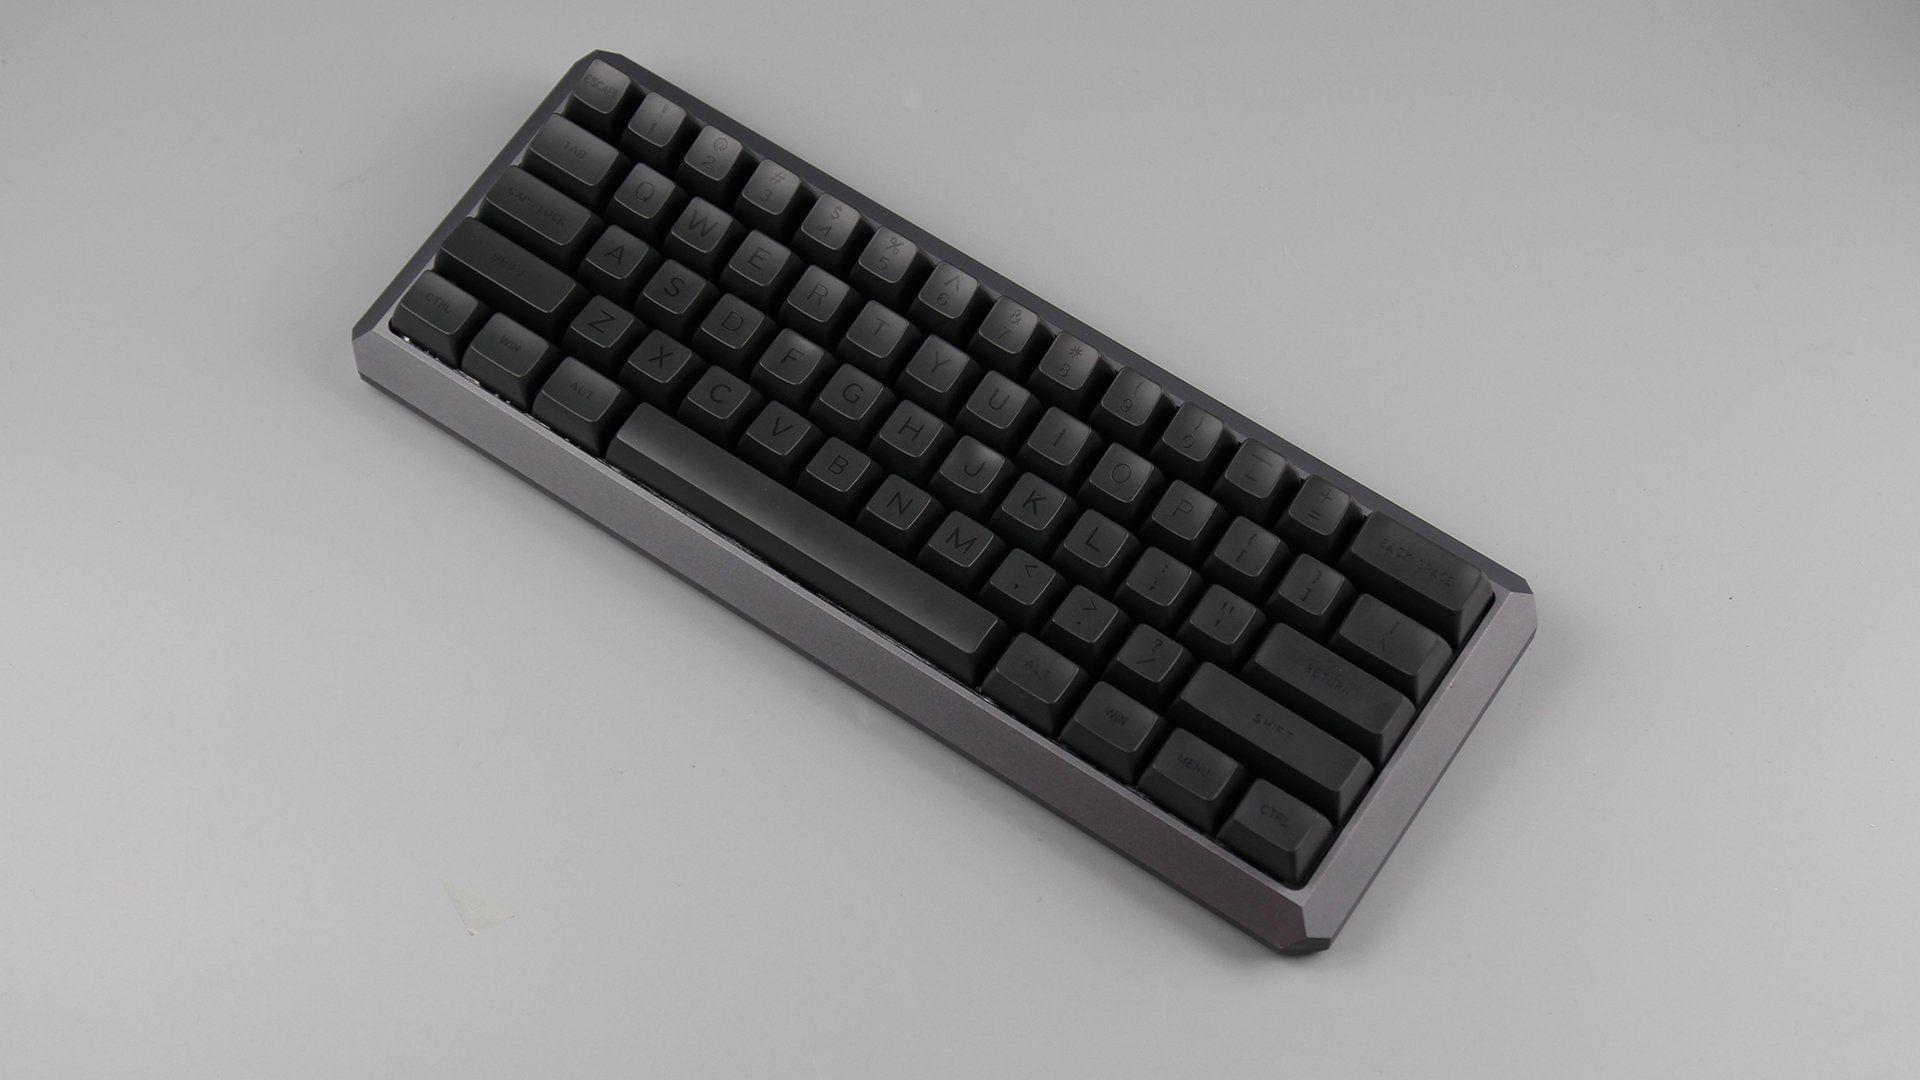 Похожее изображение Keyboard, Cnc manufacturing, Plastic